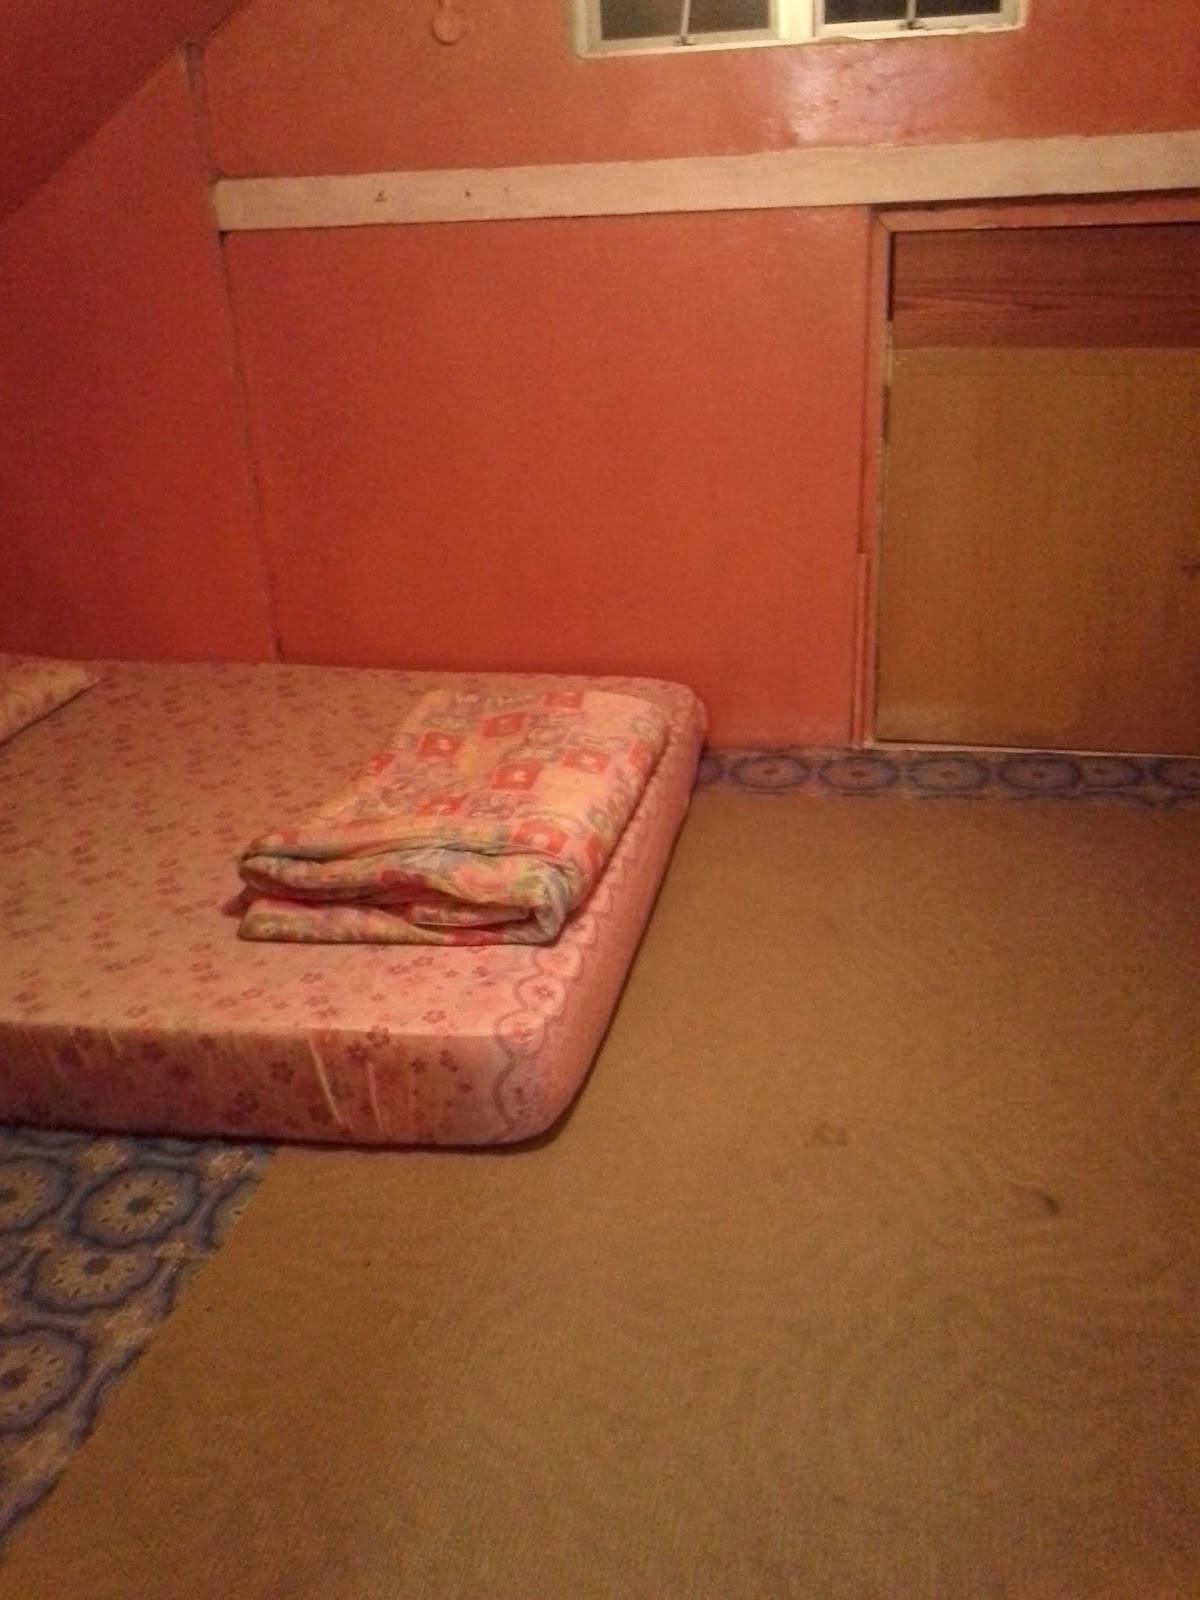 Bilik 4 Hanya Disediakan Tilam Dan Berlantaikan Getah Buruk Carpet